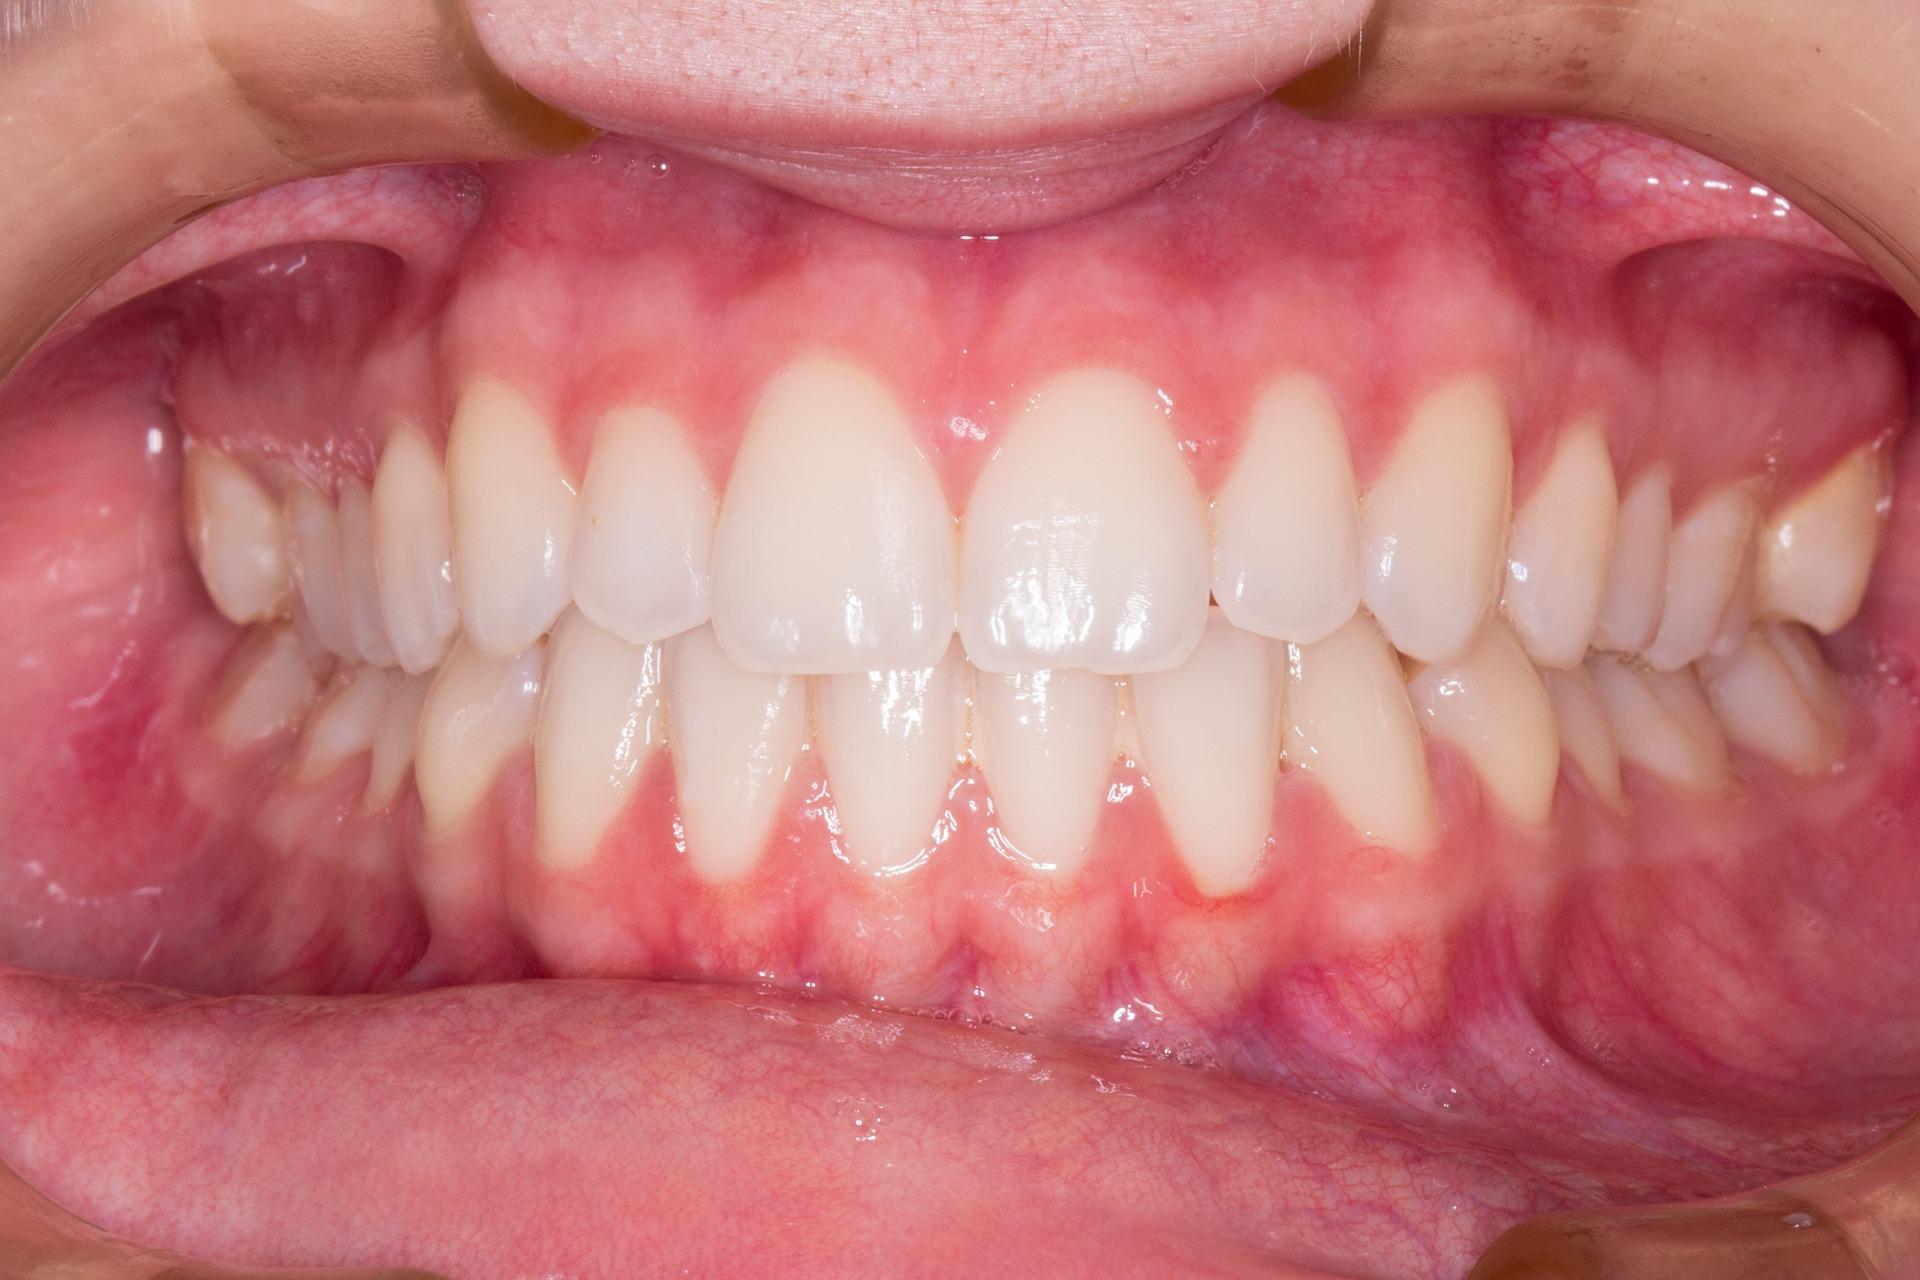 Co na zapalenie jamy ustnej? Jak leczyć zapalenie jamy ustnej?